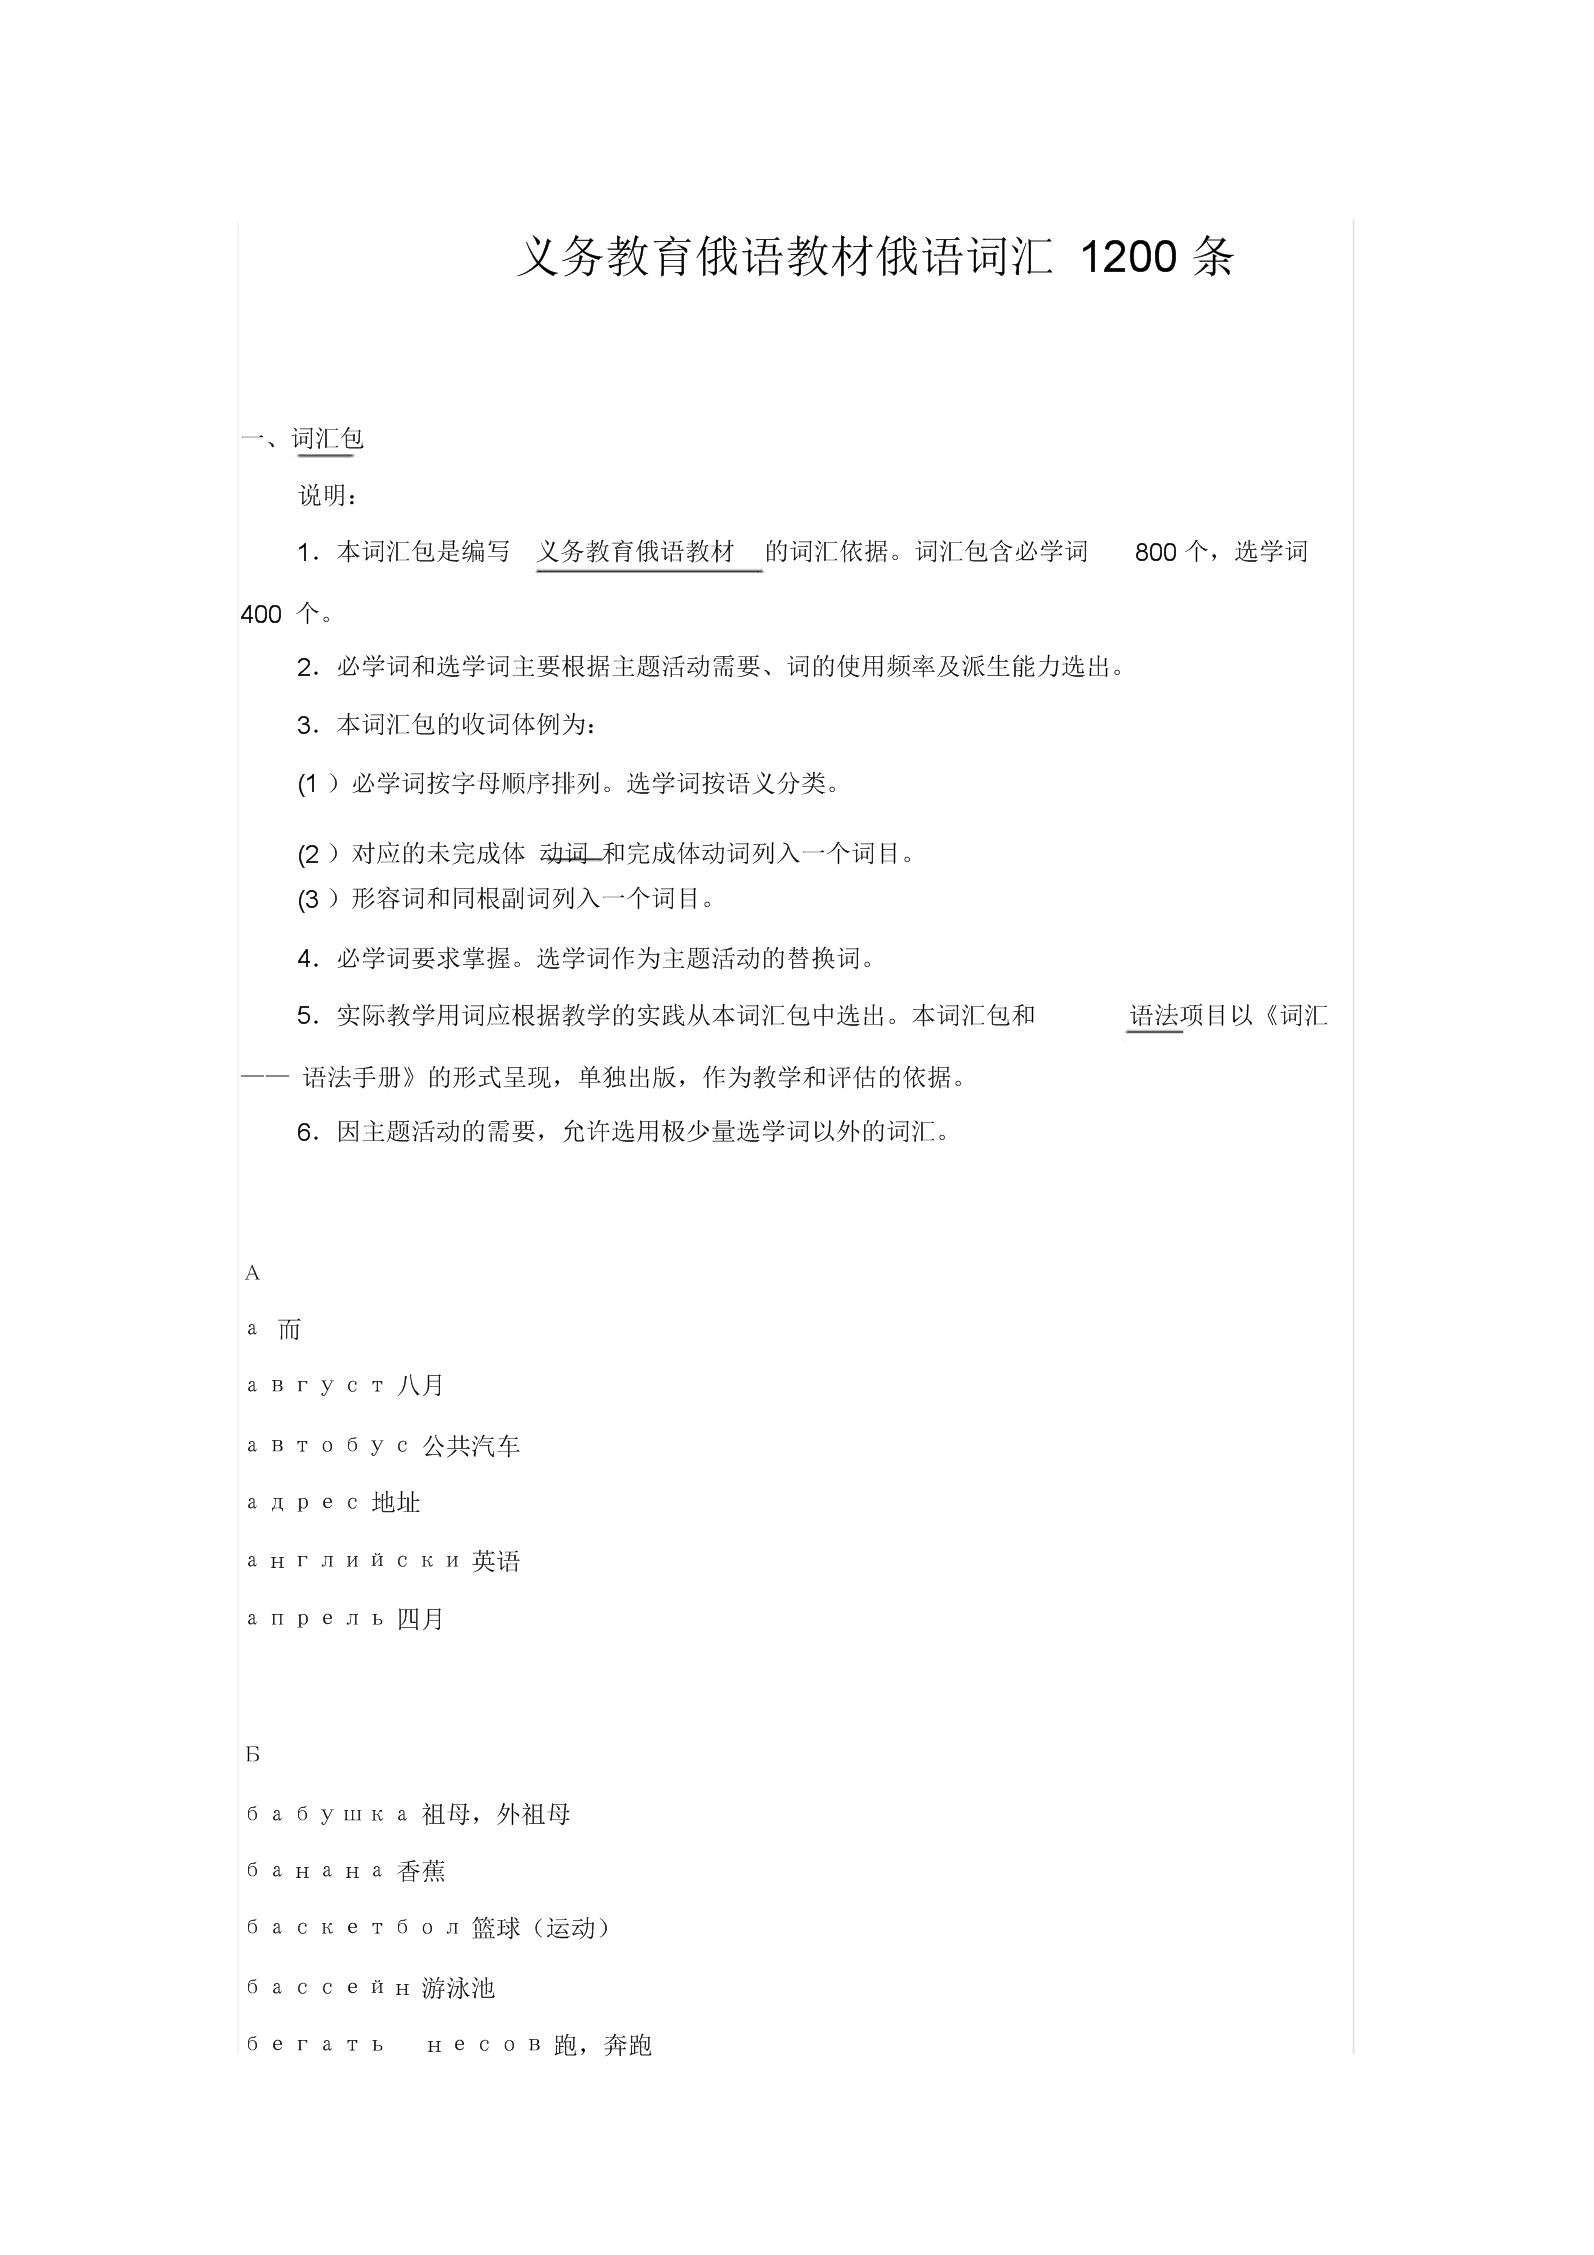 义务教育俄语教材俄语词汇1200条.docx